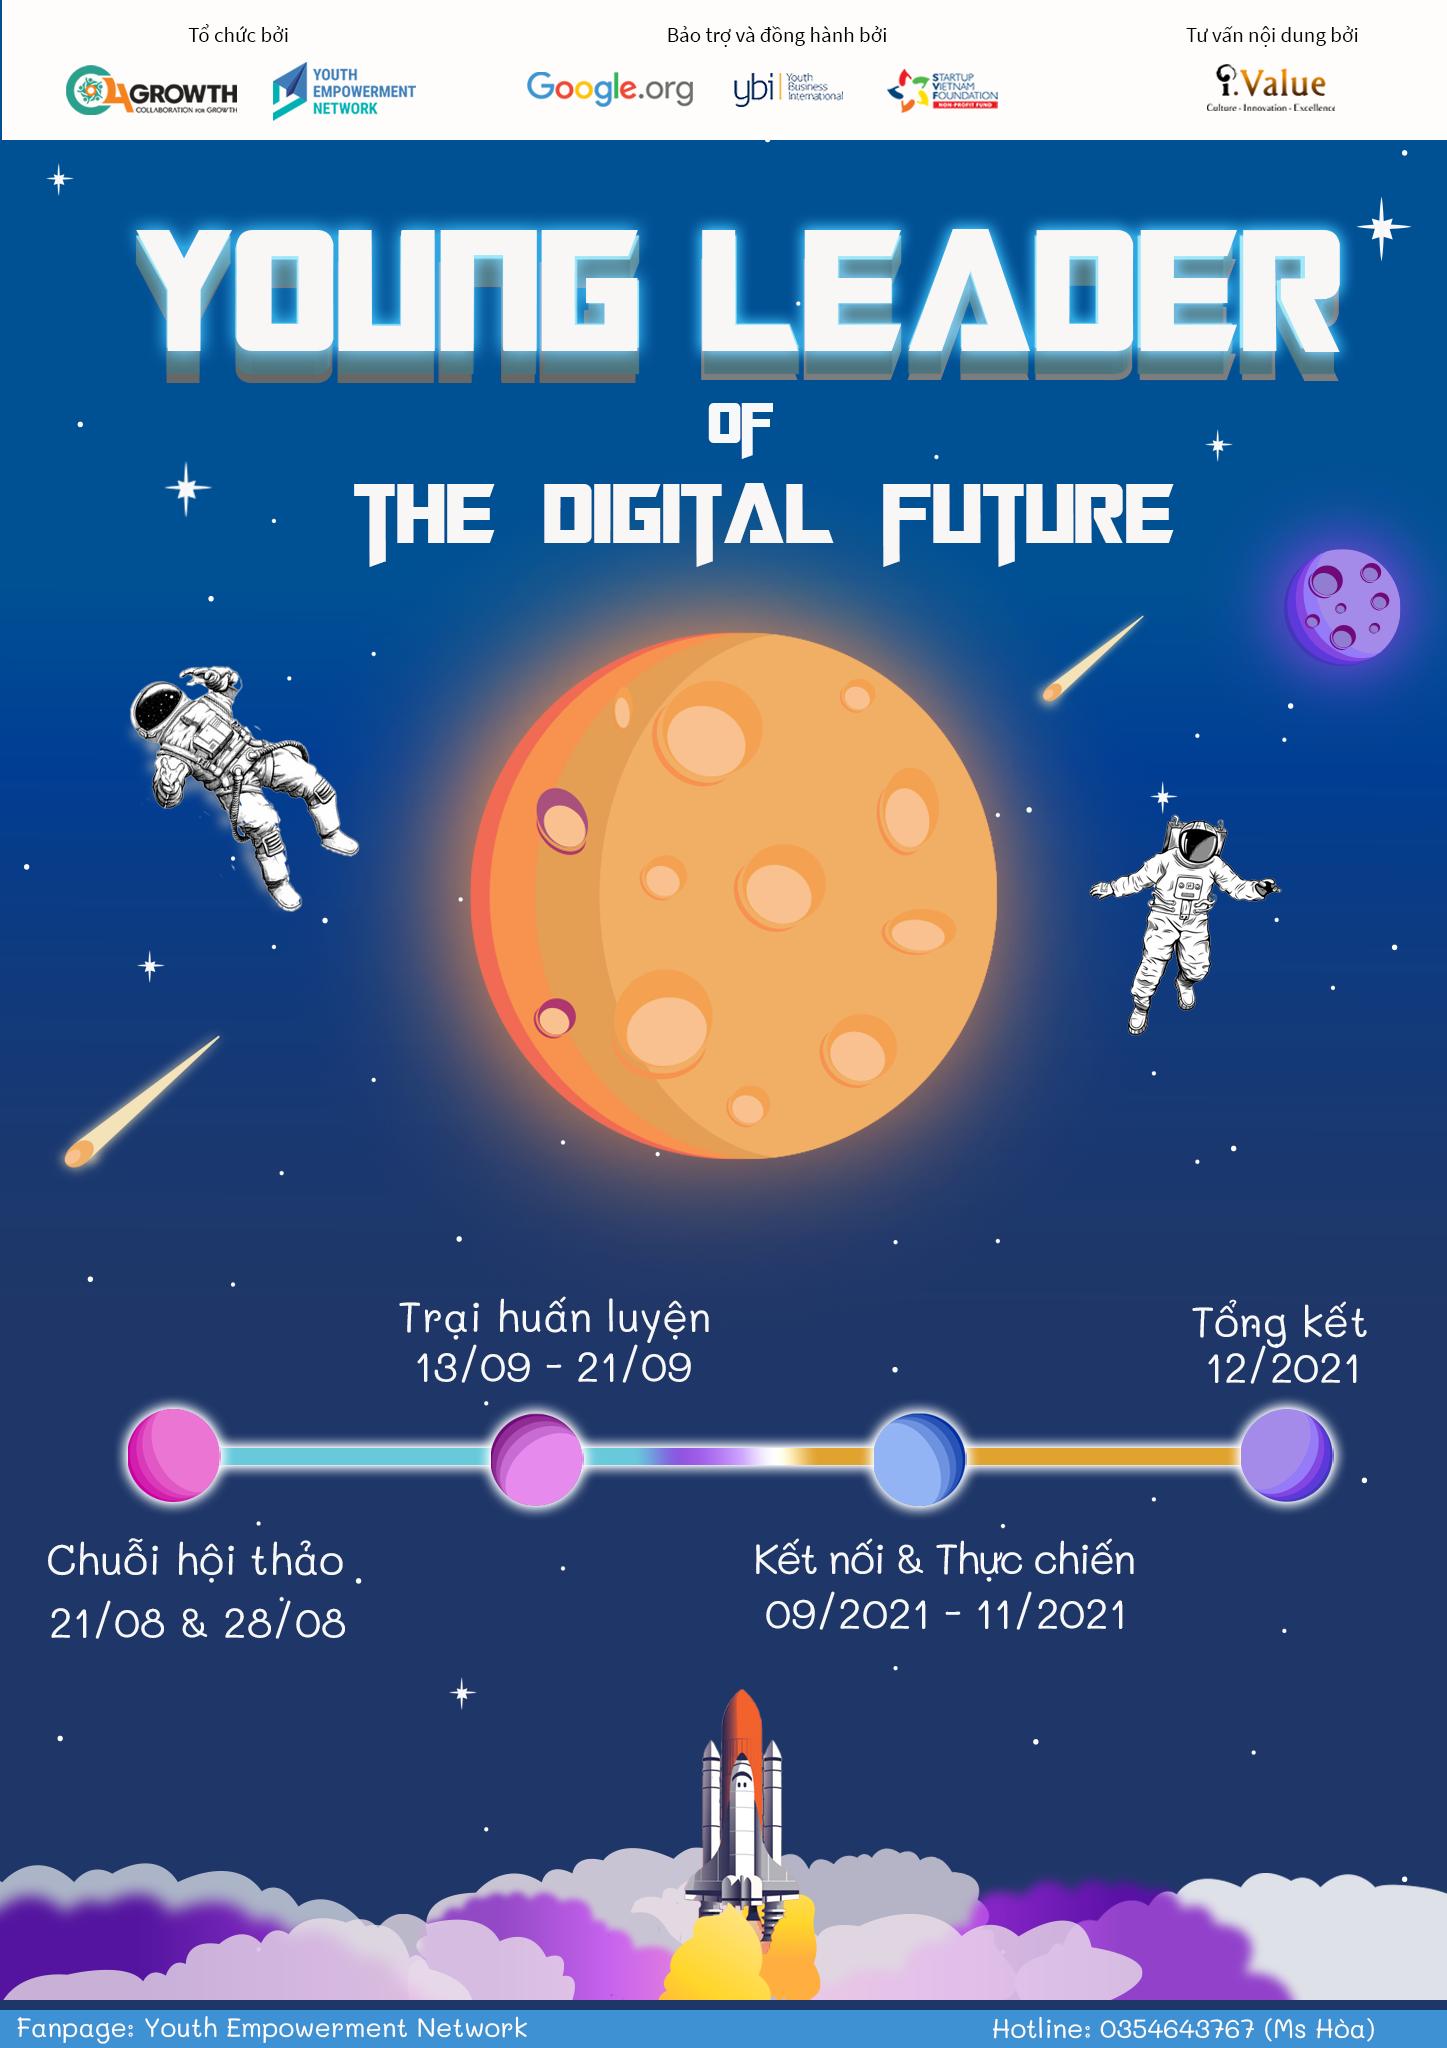 """YOUNG LEADER OF THE DIGITAL FUTURE - CHƯƠNG TRÌNH """"LÃNH ĐẠO TRẺ CỦA TƯƠNG LAI SỐ"""""""